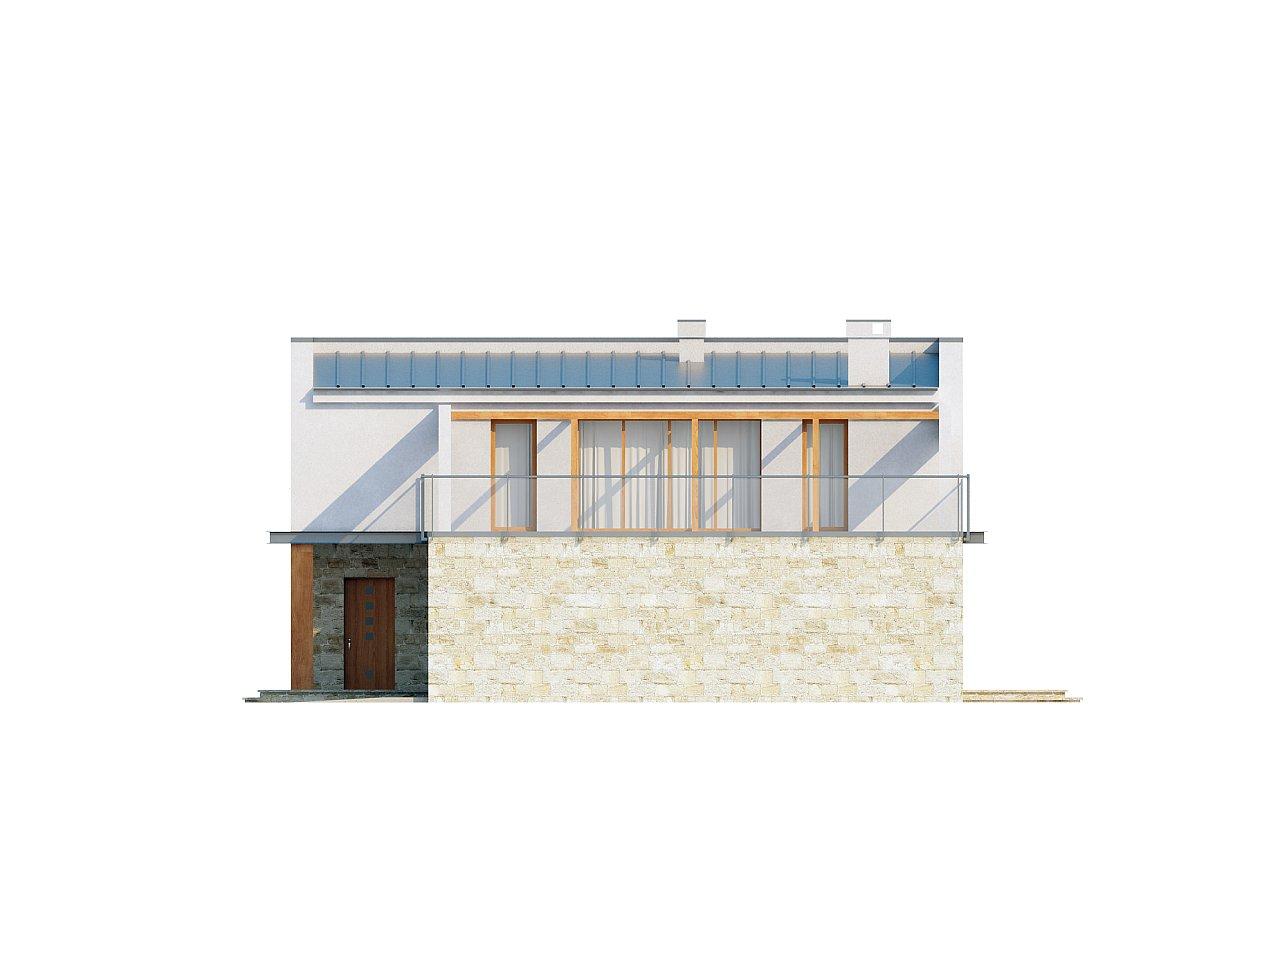 Практичный двухэтажный дом в современном стиле с обширной террасой над гаражом. - фото 5